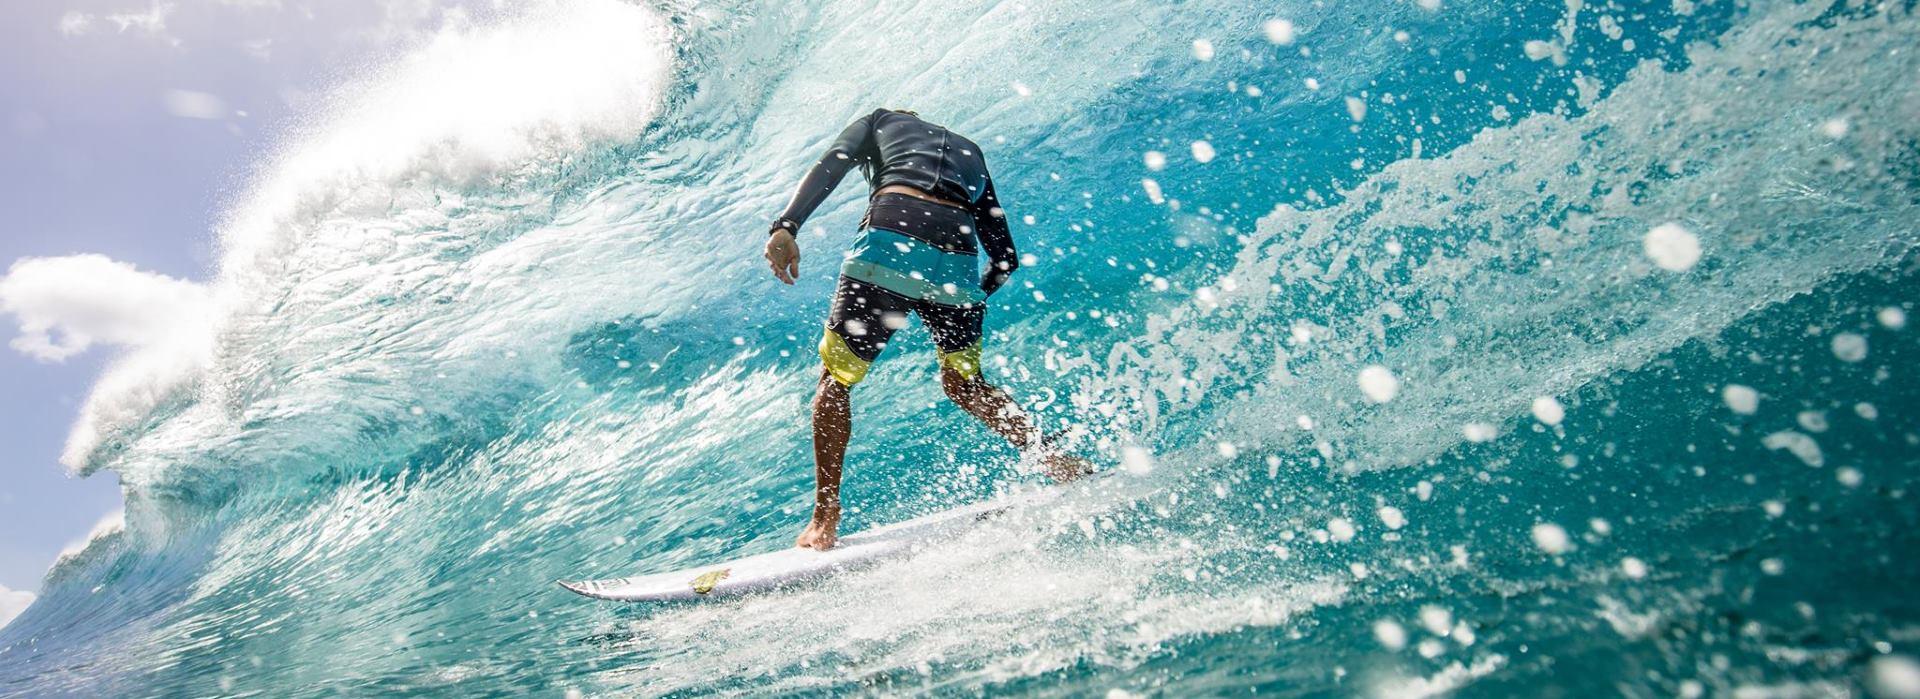 VIDEO: Josh Kerr je prvak surferskog natjecanja